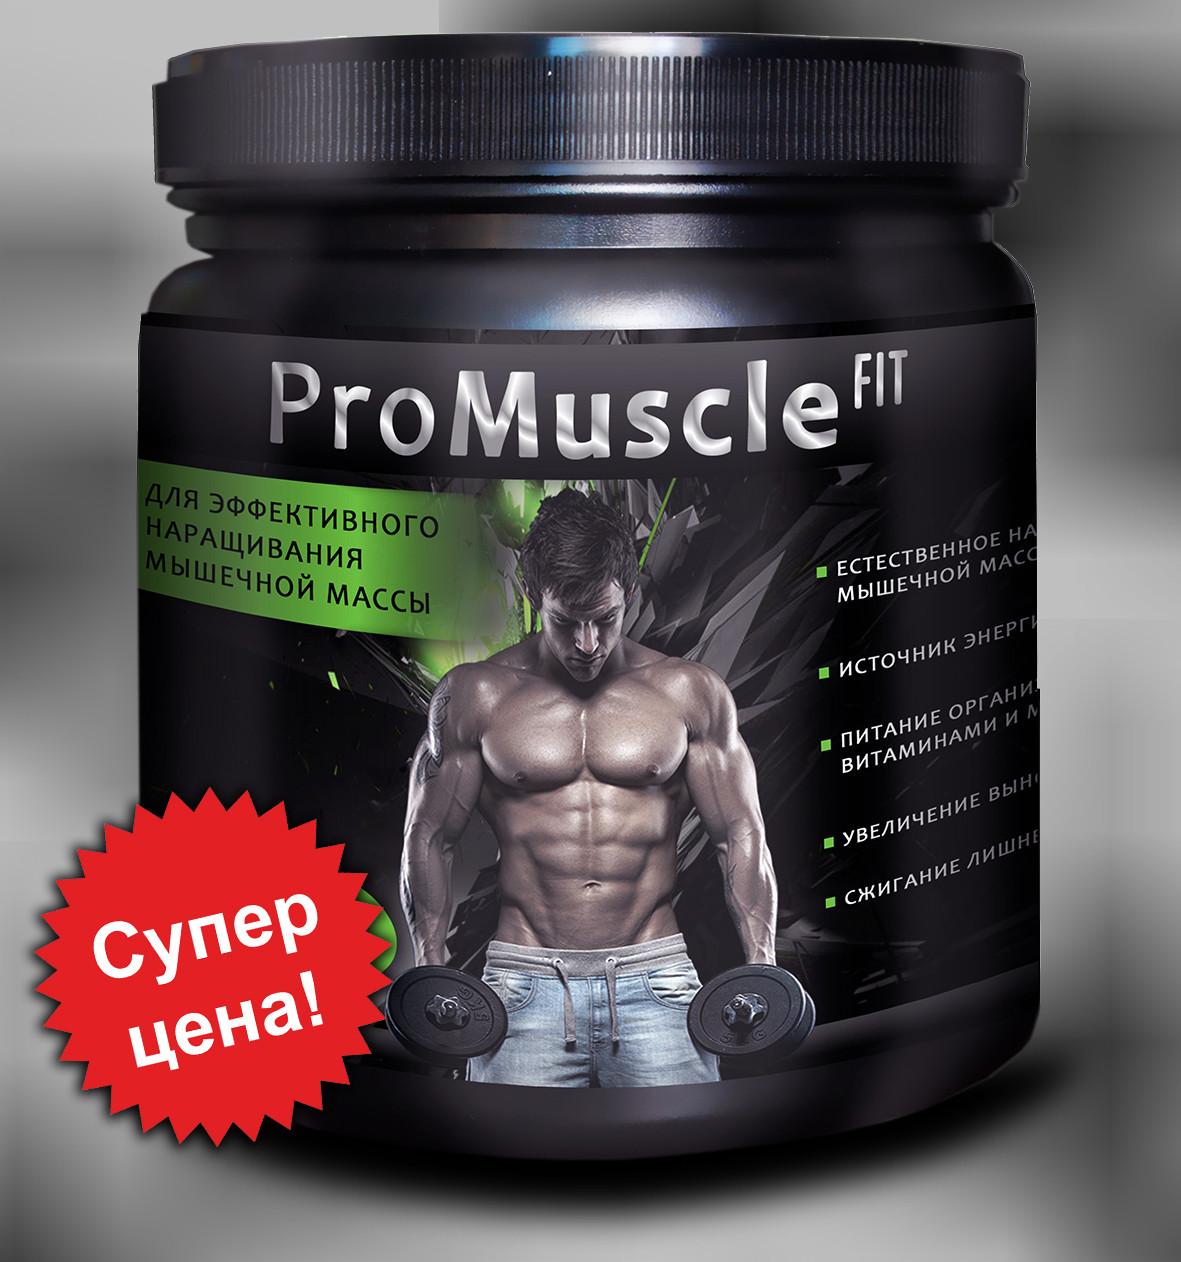 Promuscle fit (промускул фит) - протеин для наращивания мышц. Цена производителя. Фирменный магазин.